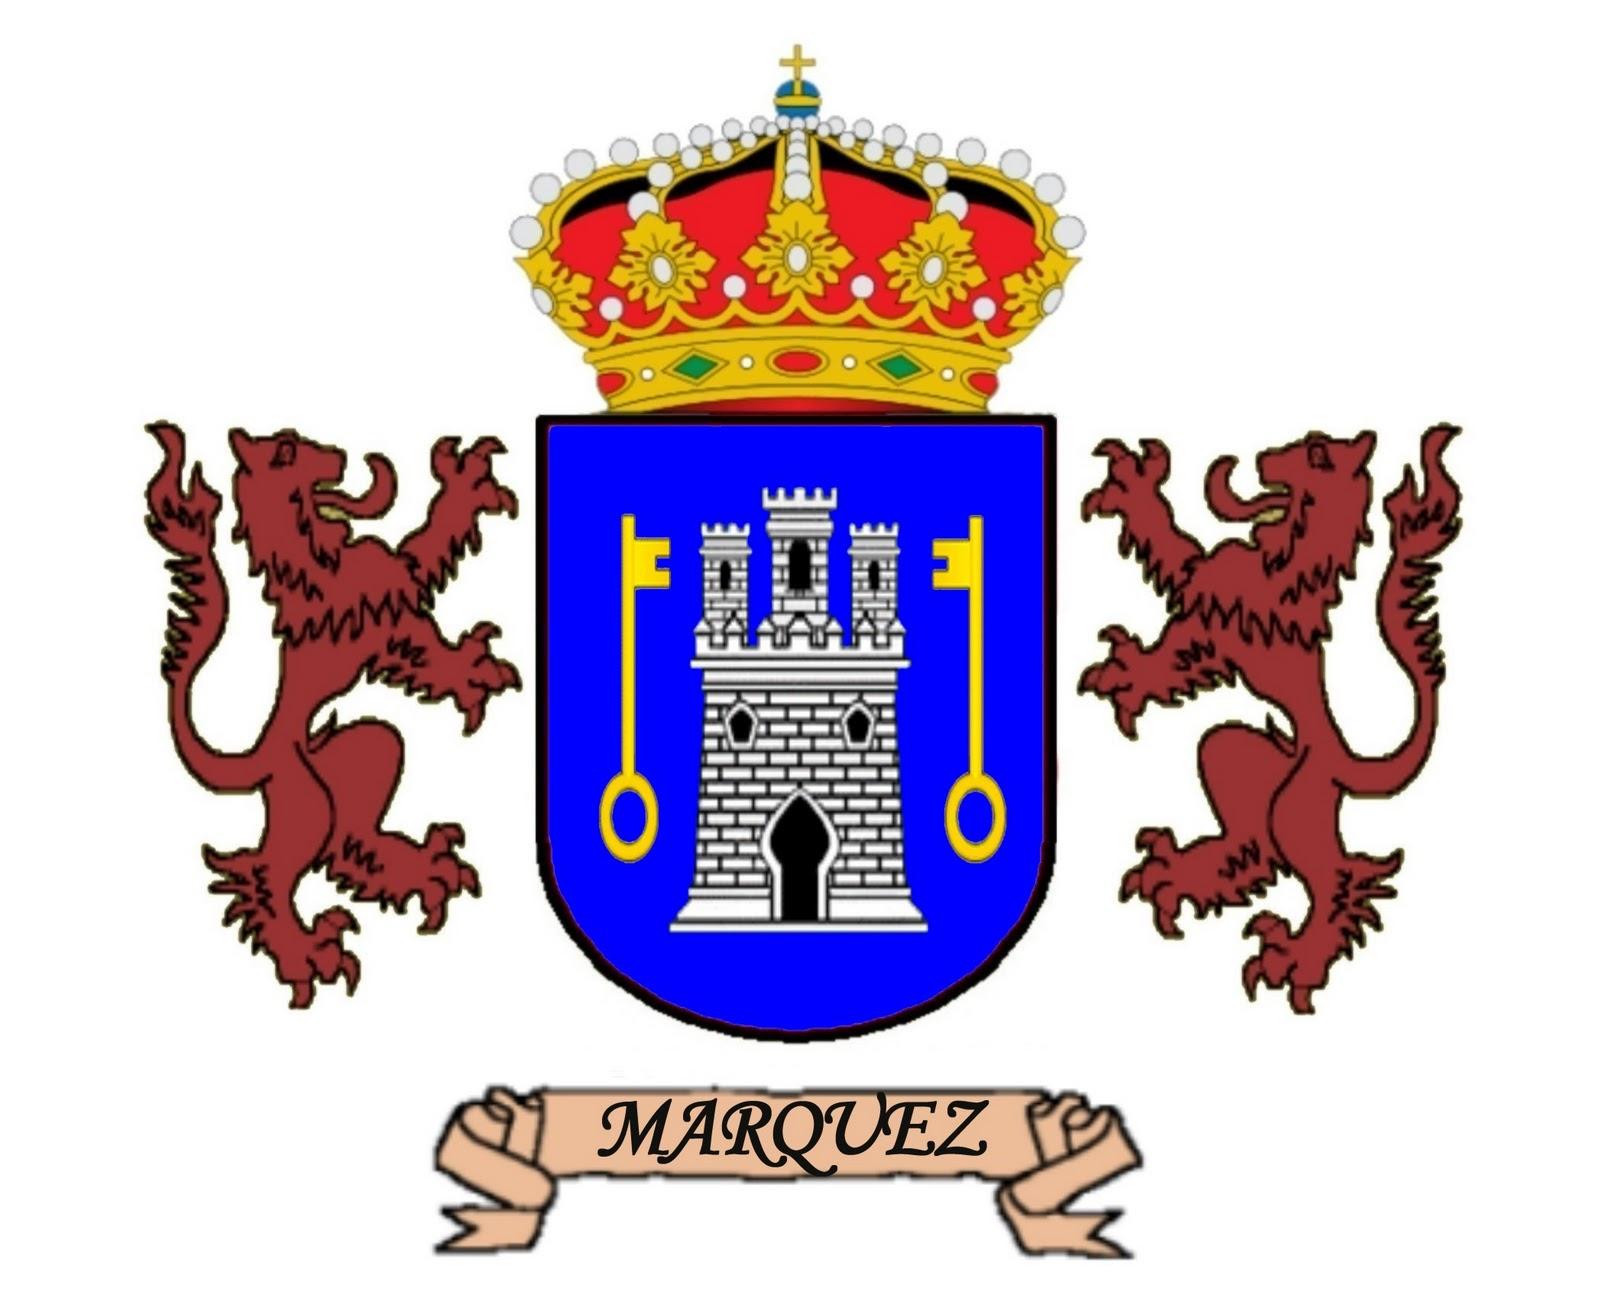 Apellidos y Escudos: Márquez